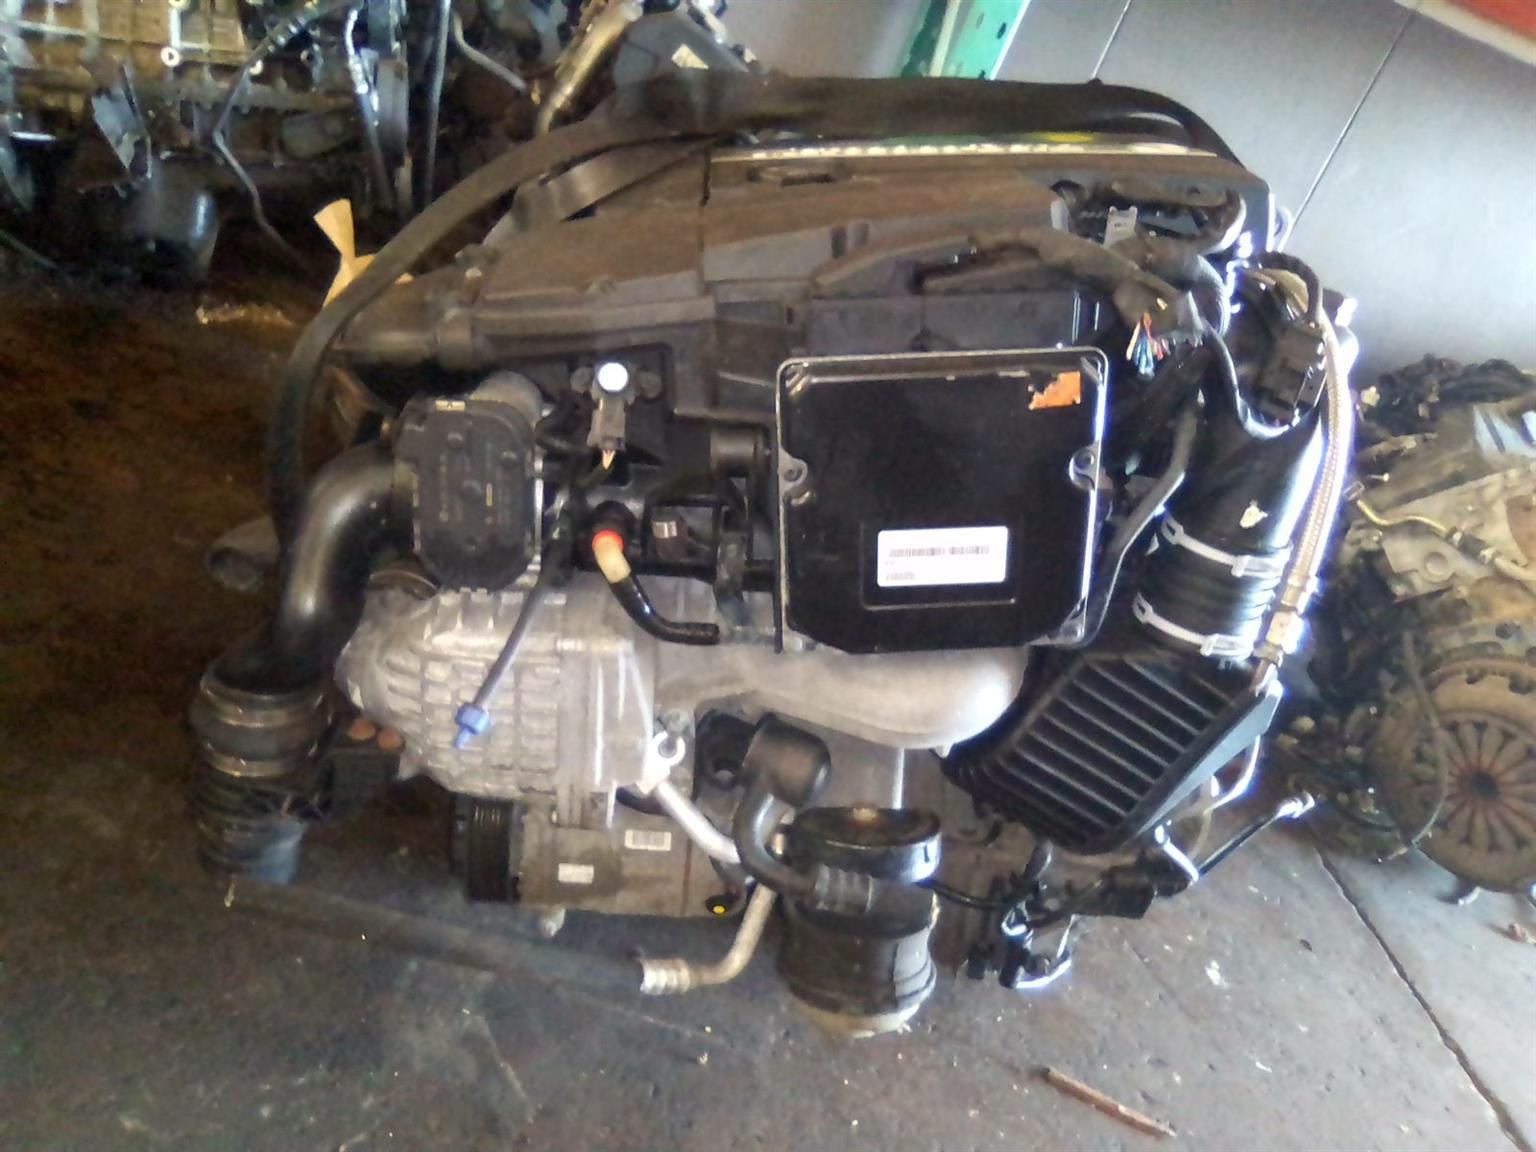 Merc Kompressor # 271 Engine